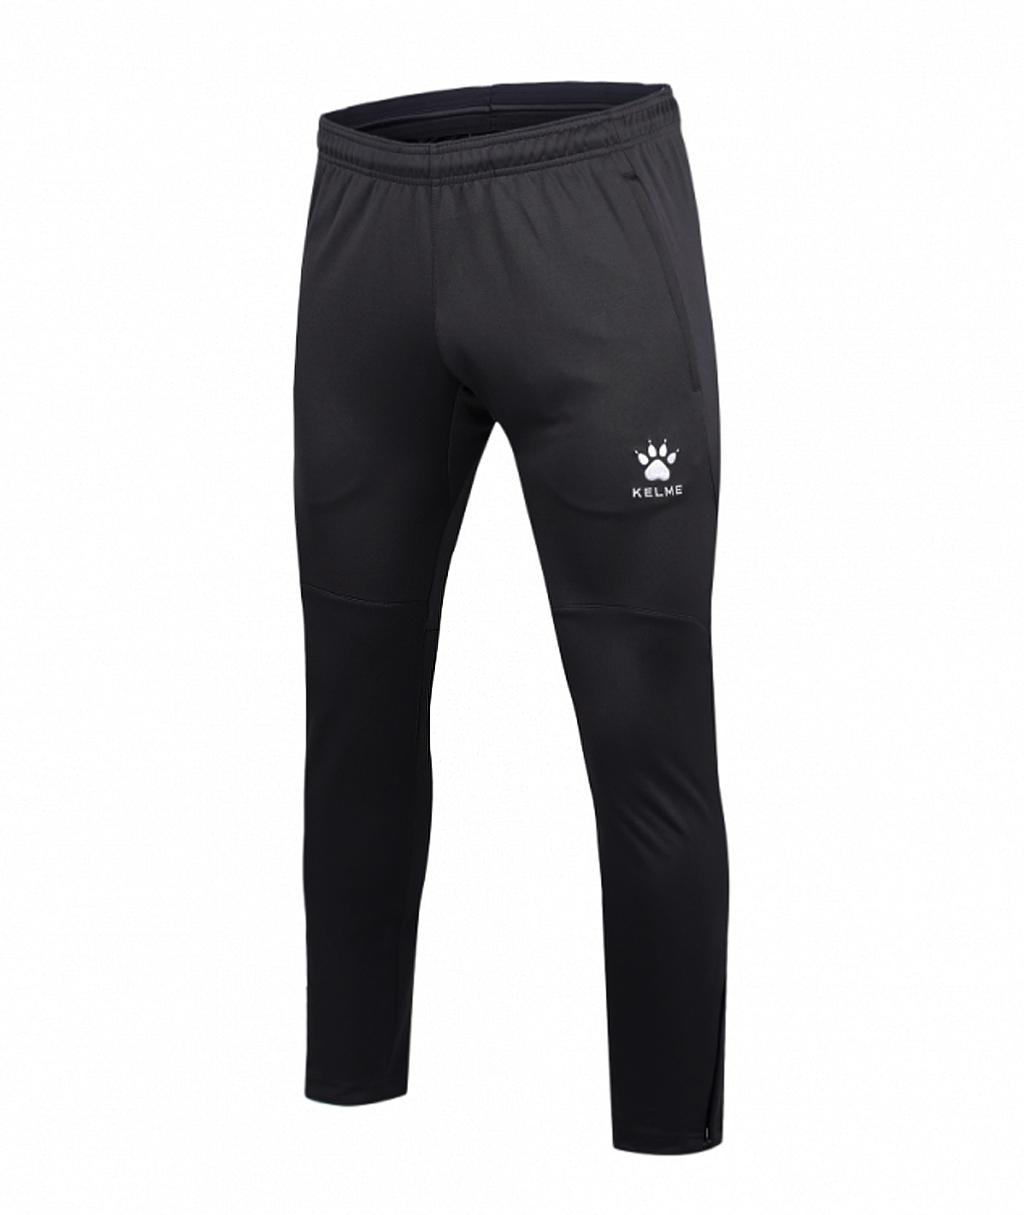 Купить брюки спортивные Kelme Training Pants Men K15Z403-000 в интернет-магазине